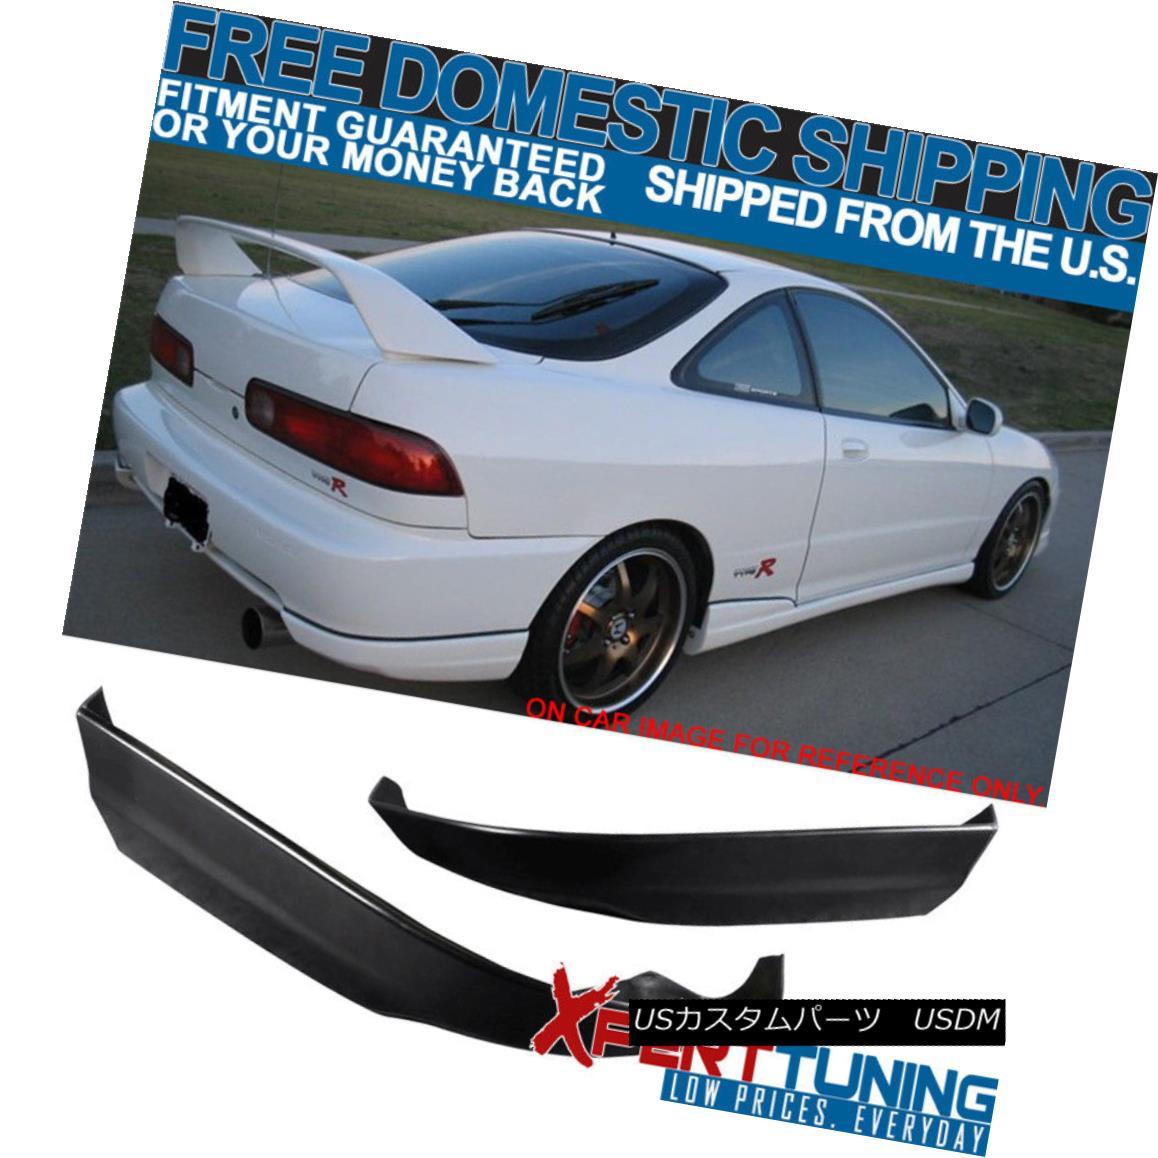 エアロパーツ Fit 98-01 Acura Integra Rear Bumper Lip PU Valance Spats Bodykit フィット98-01アキュラインテグラリアバンパーリップPUバランススパッツボディキット